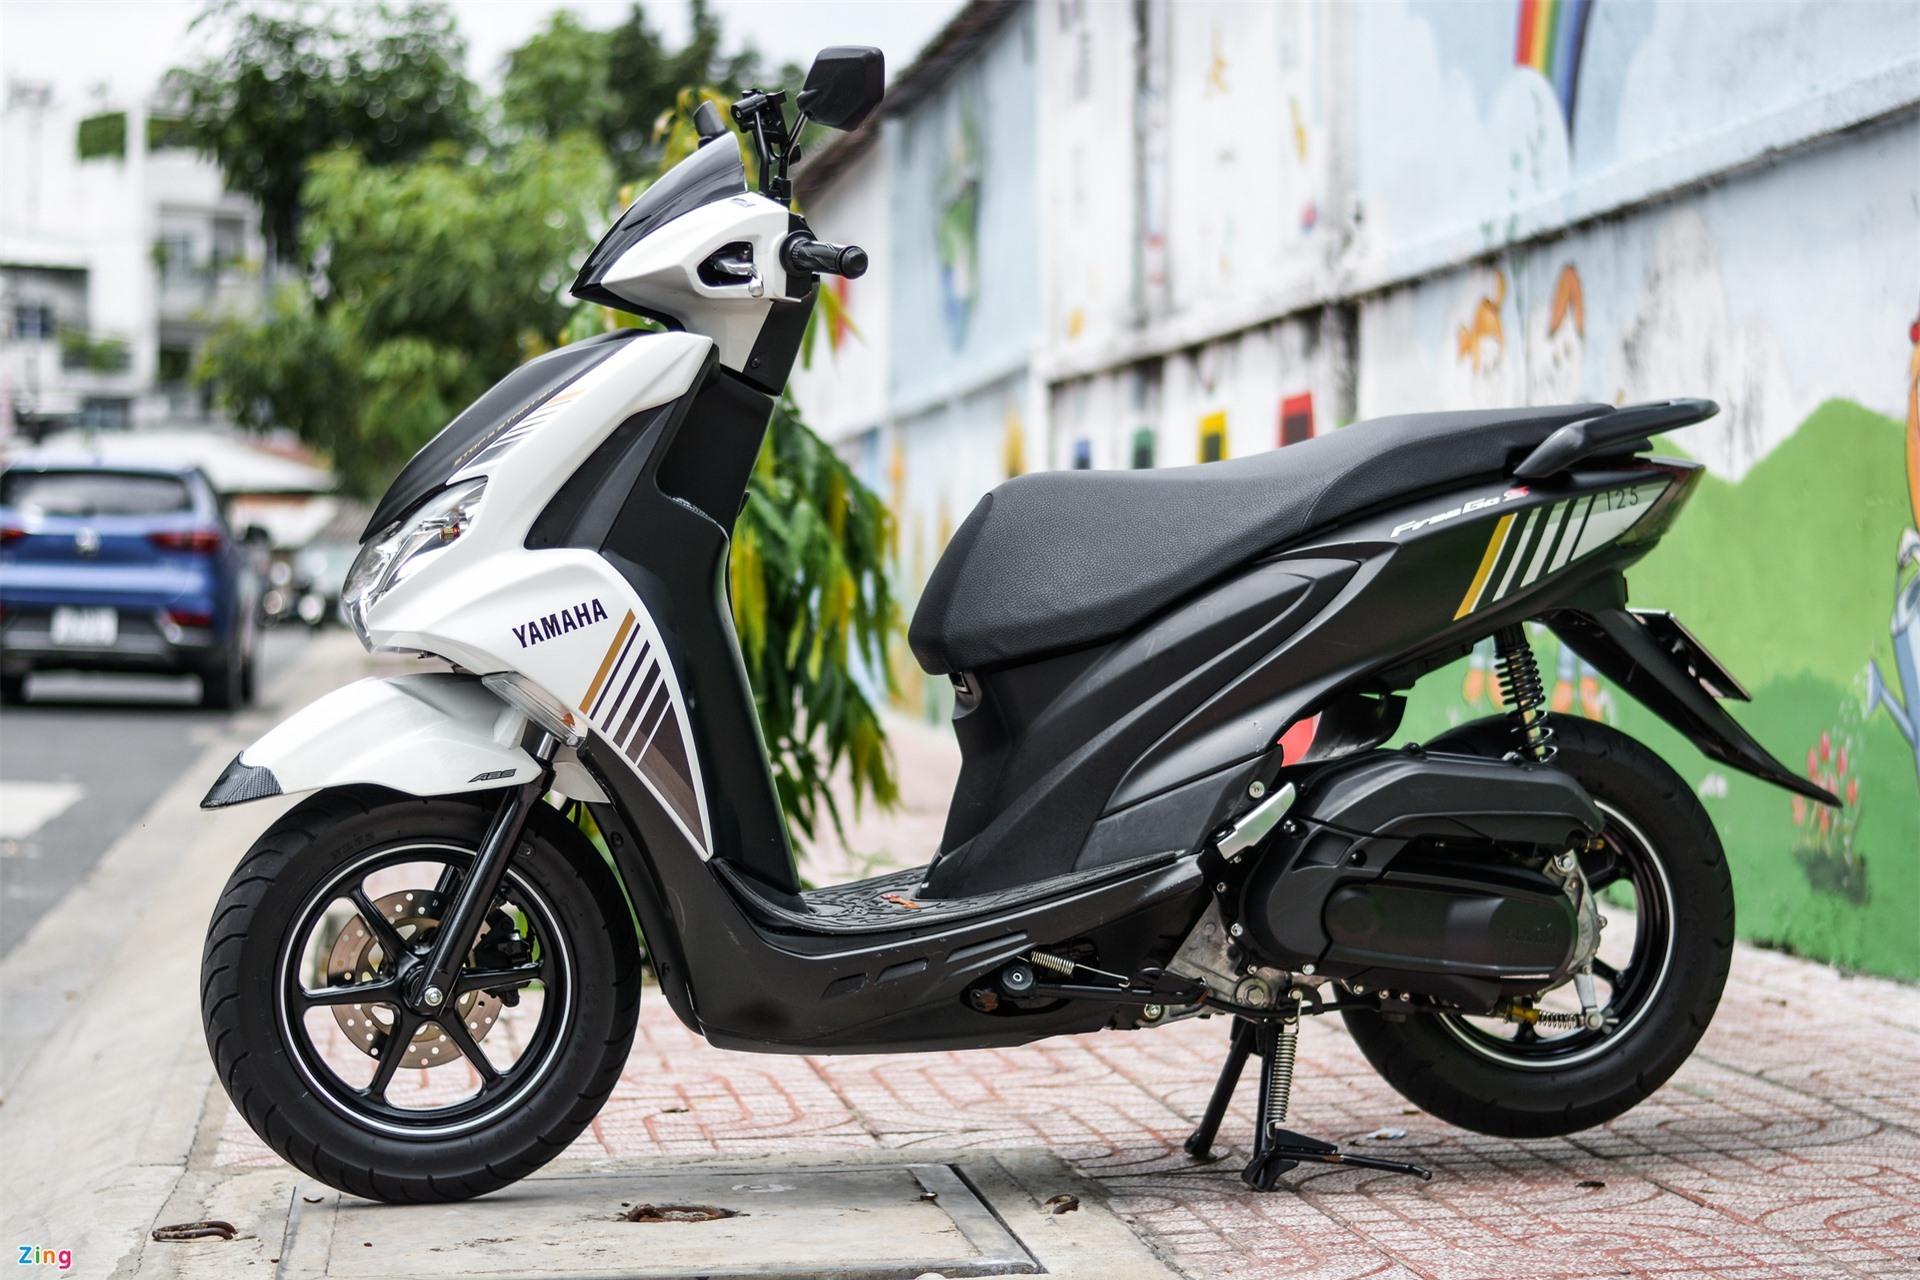 Đánh giá Yamaha FreeGo S: Giá rẻ có đáng mua? - Hình 1